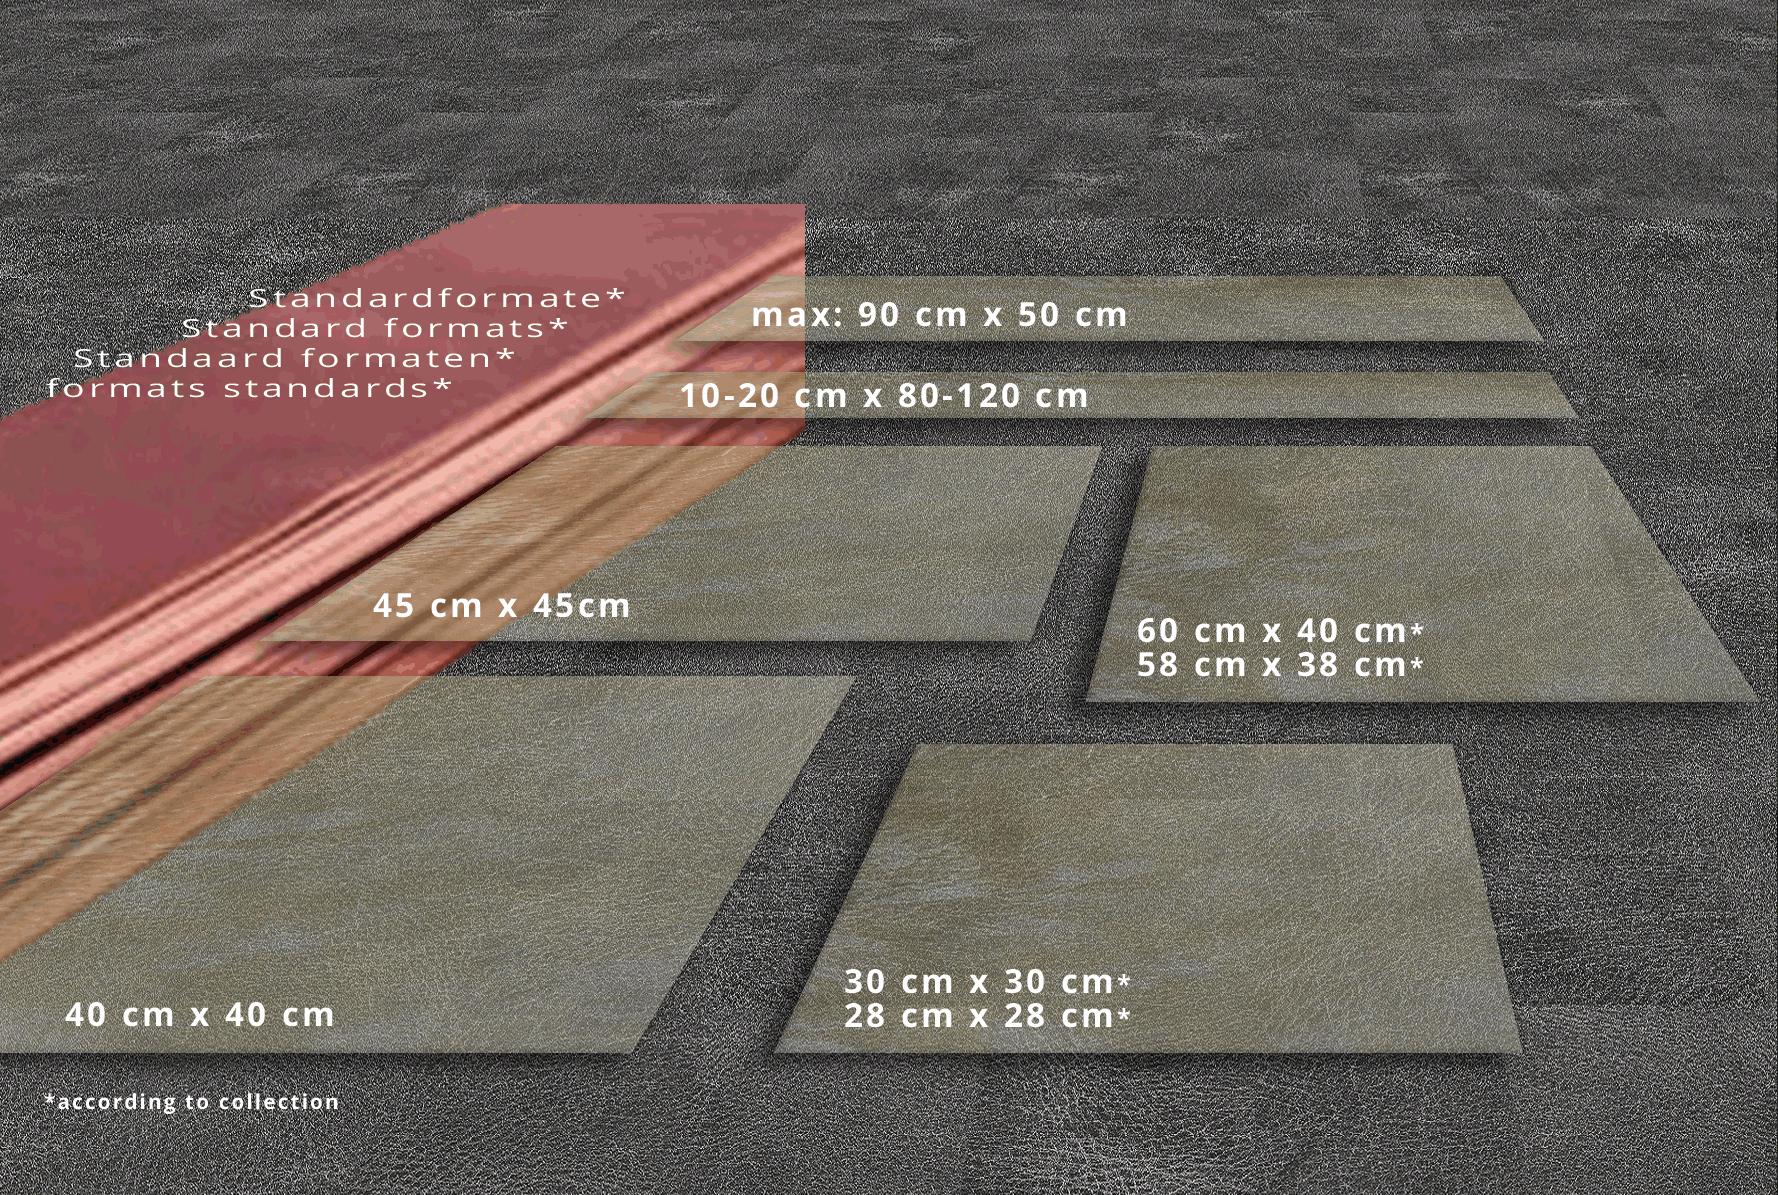 Formate für Lederboden und Lederbodenfliesen